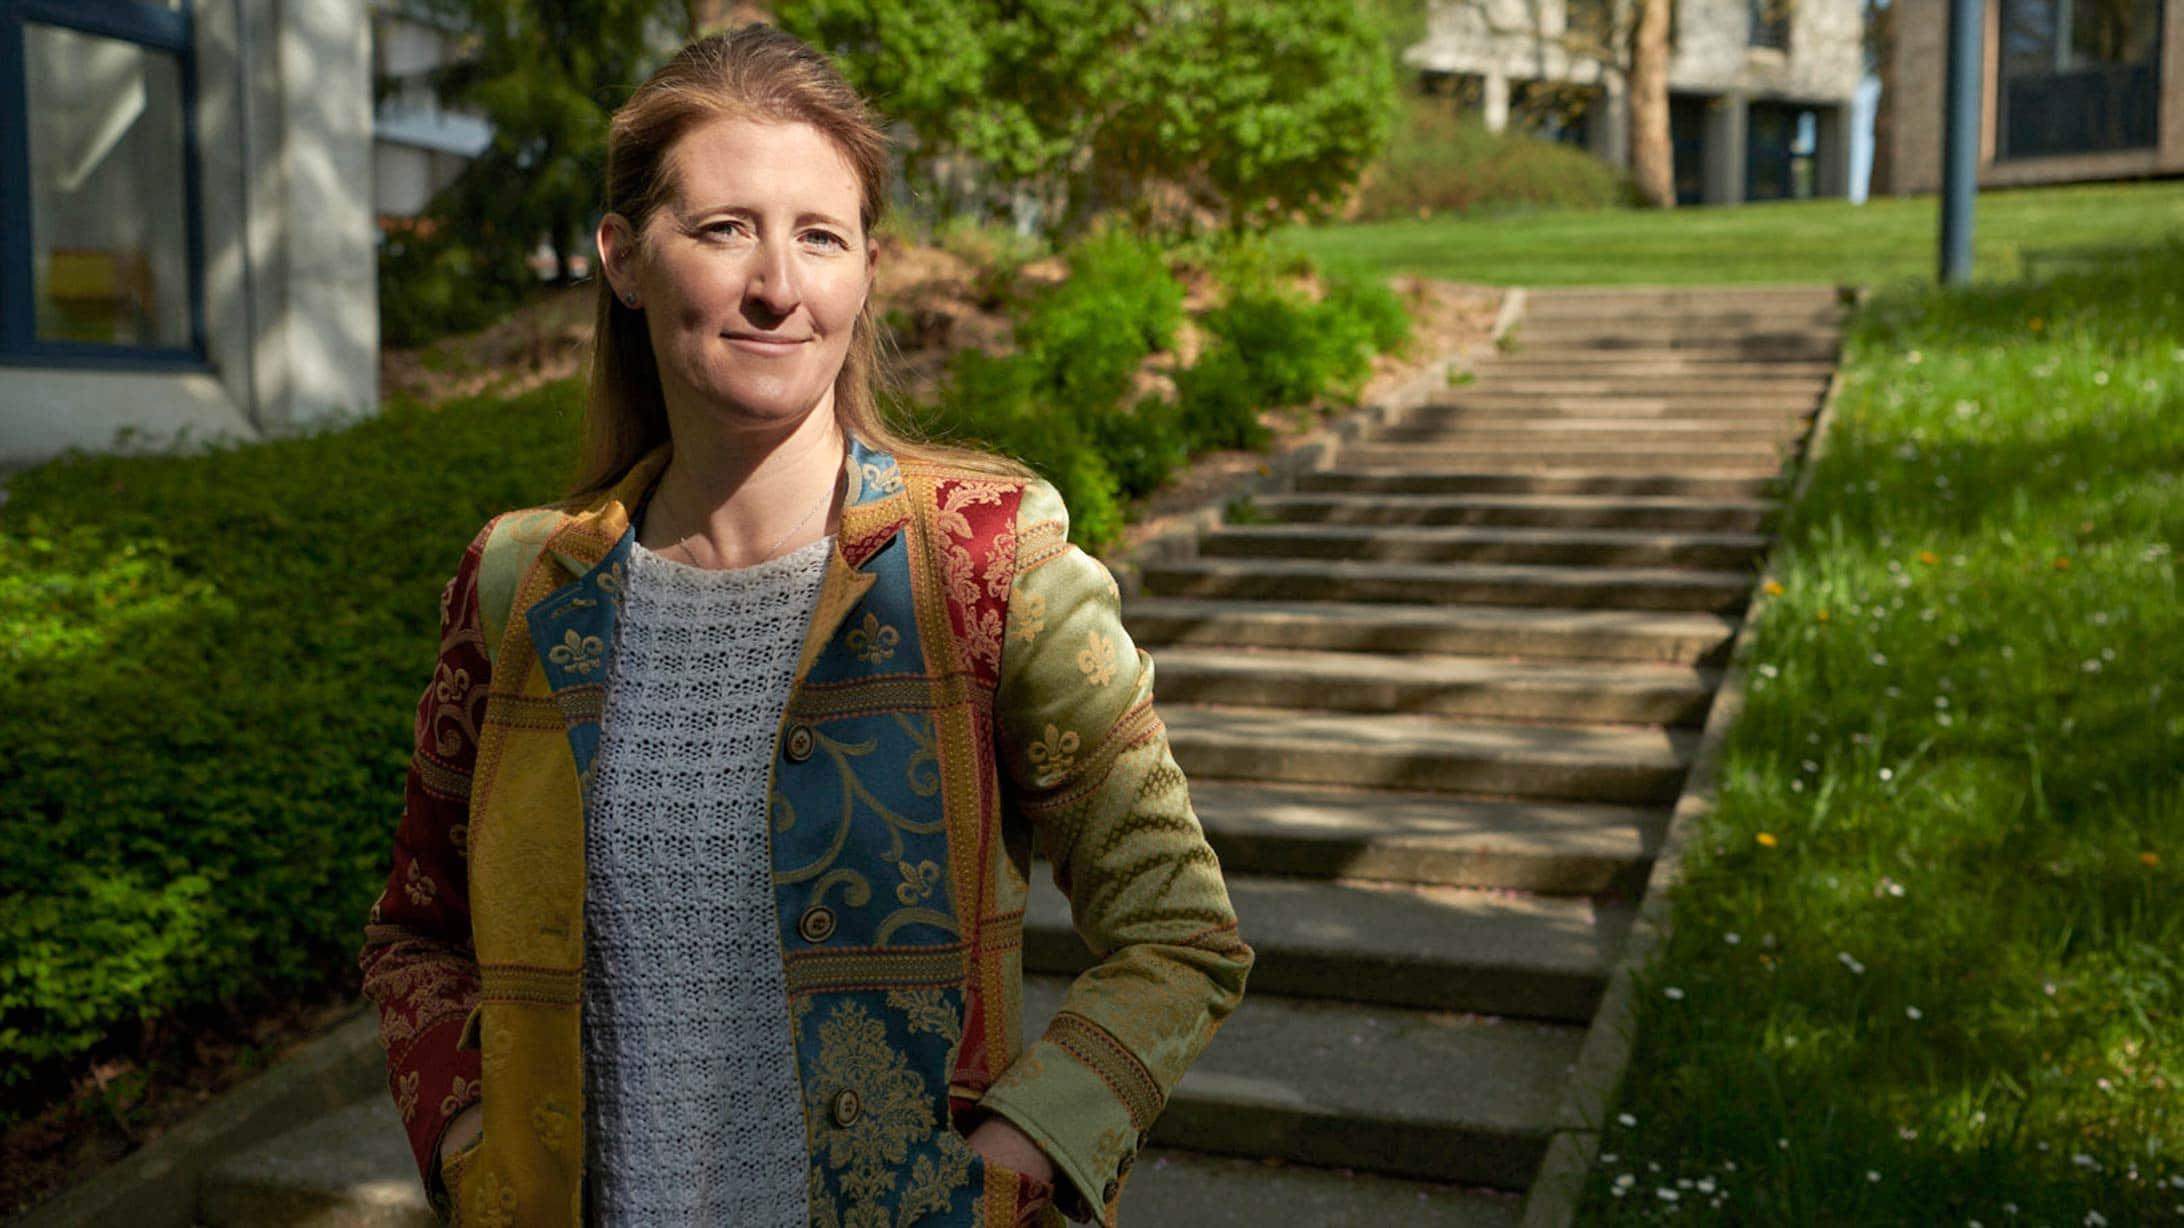 Irene Burger steht vor einer Treppe in einer Parkanlage